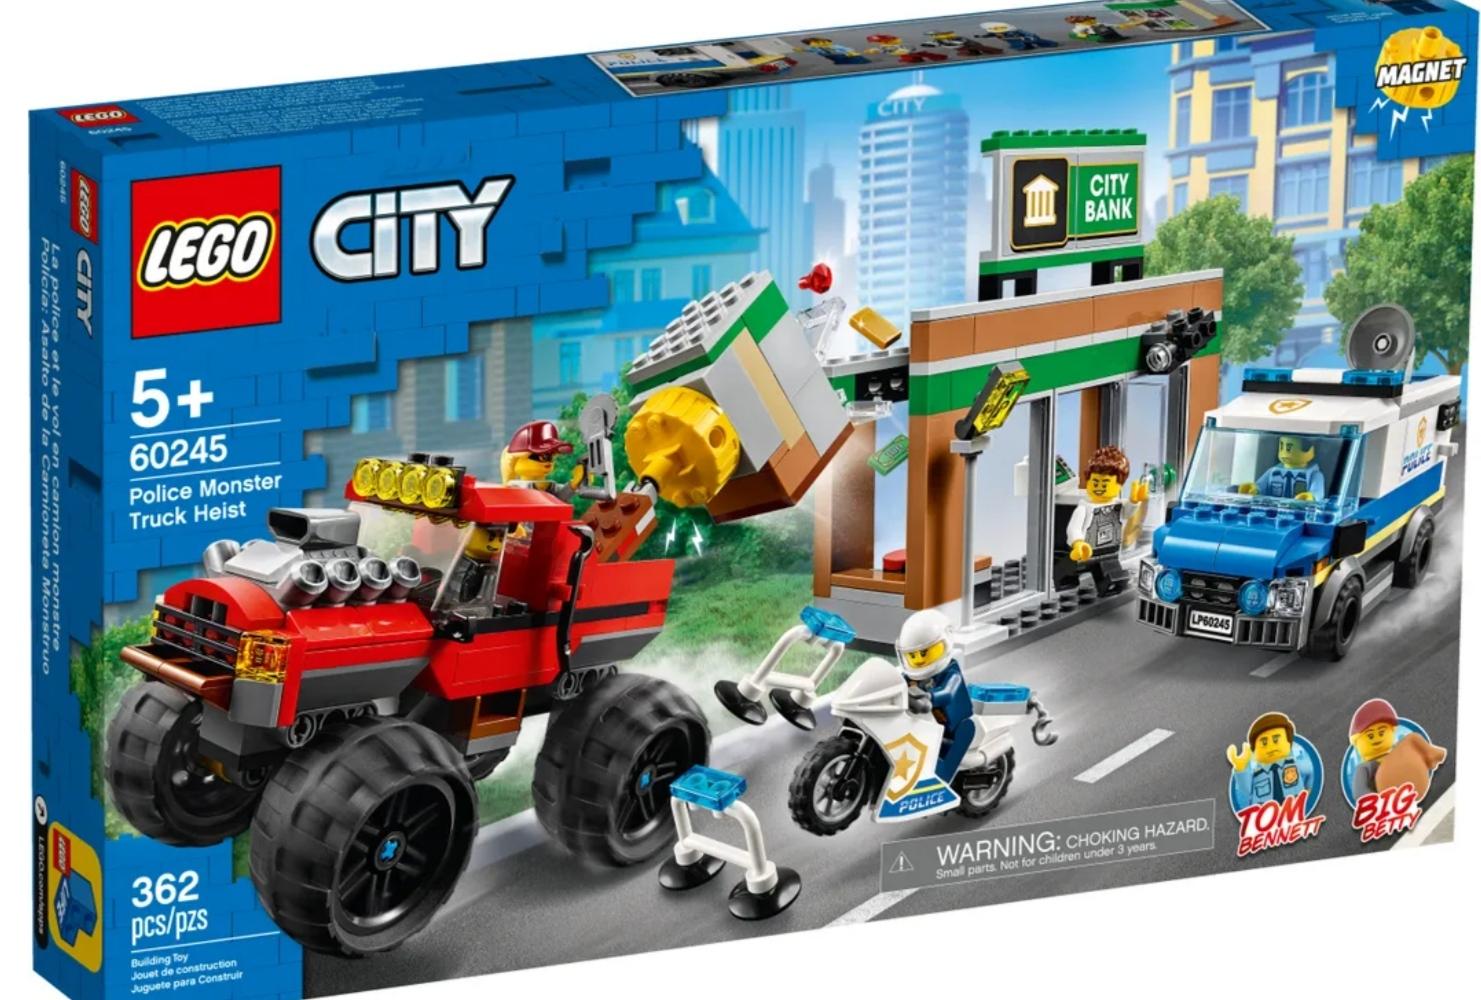 Lego City Policía: Atraco del Monster Truck